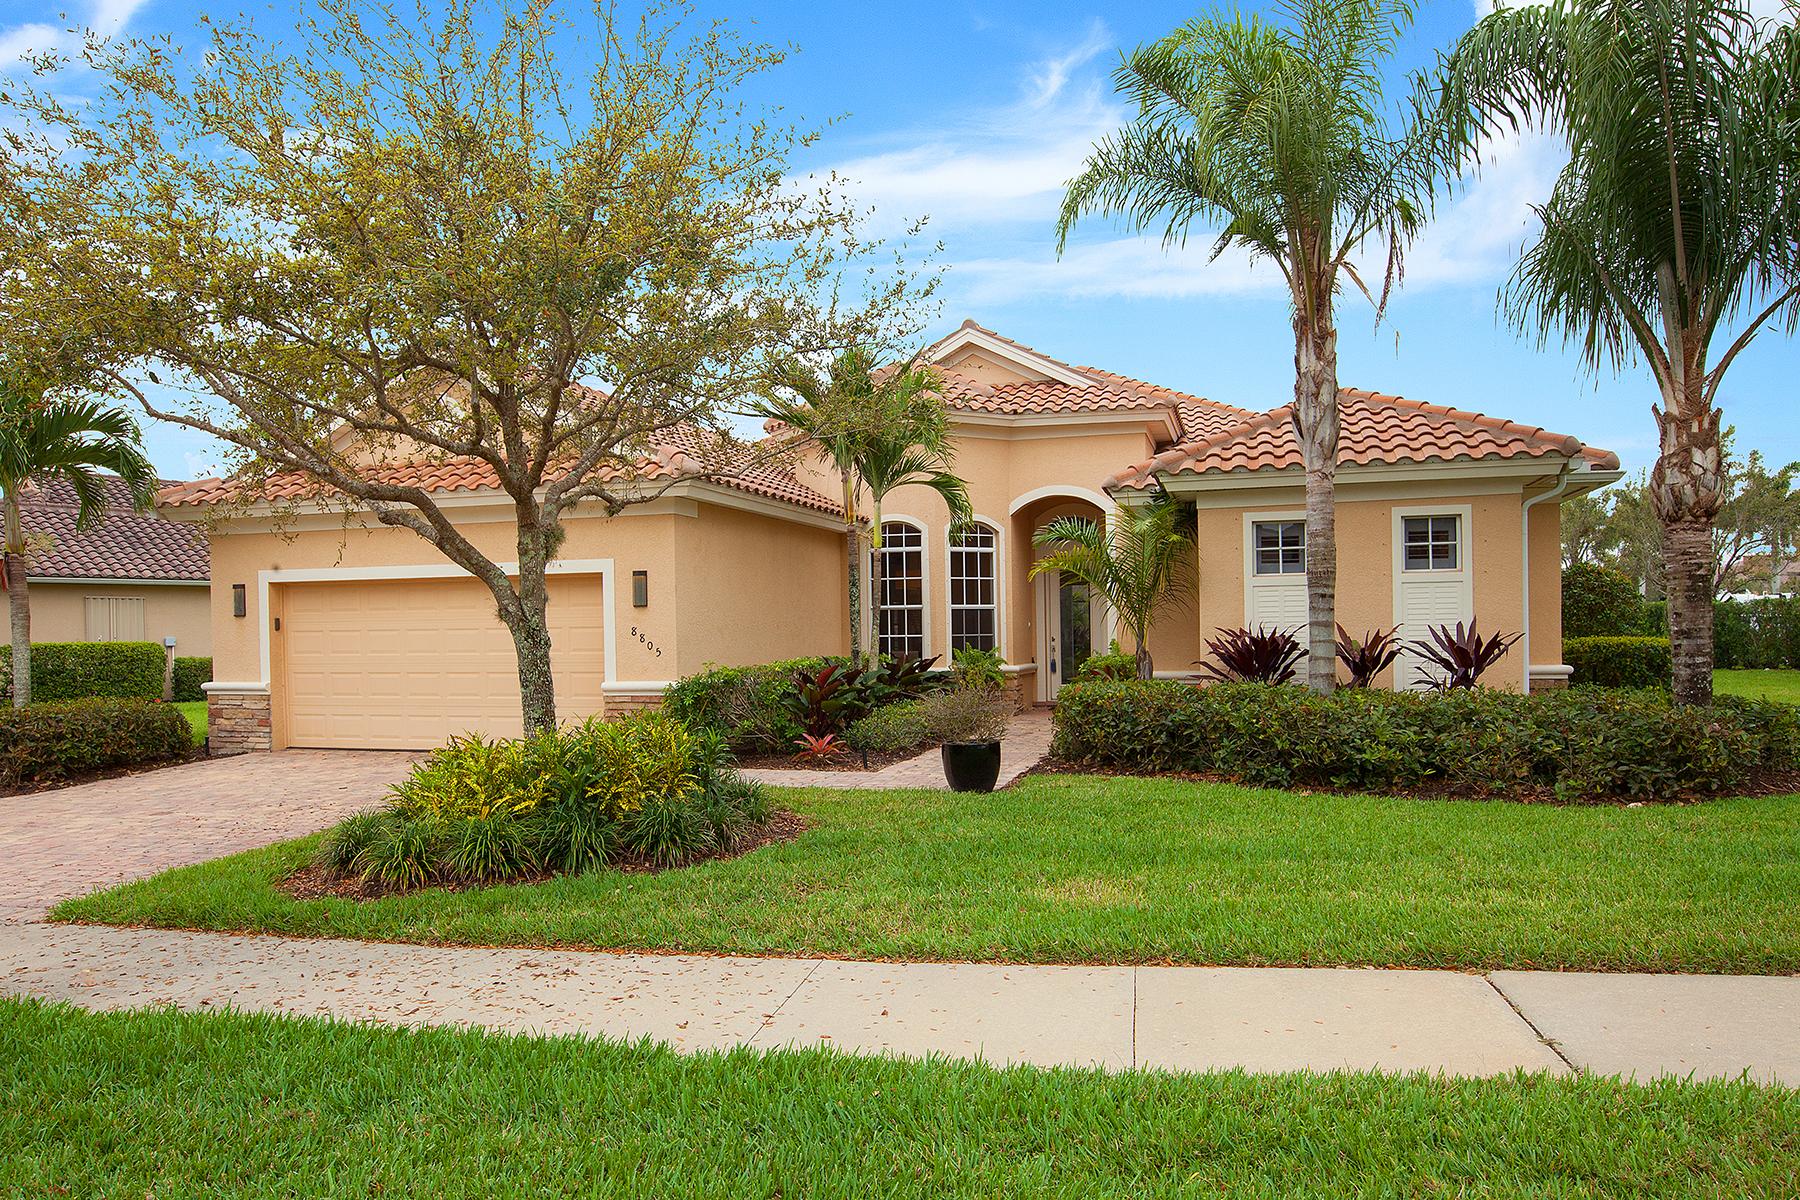 Maison unifamiliale pour l Vente à QUARRY - SPINNER COVE LANE 8805 Spinner Cove Ln Naples, Florida, 34120 États-Unis